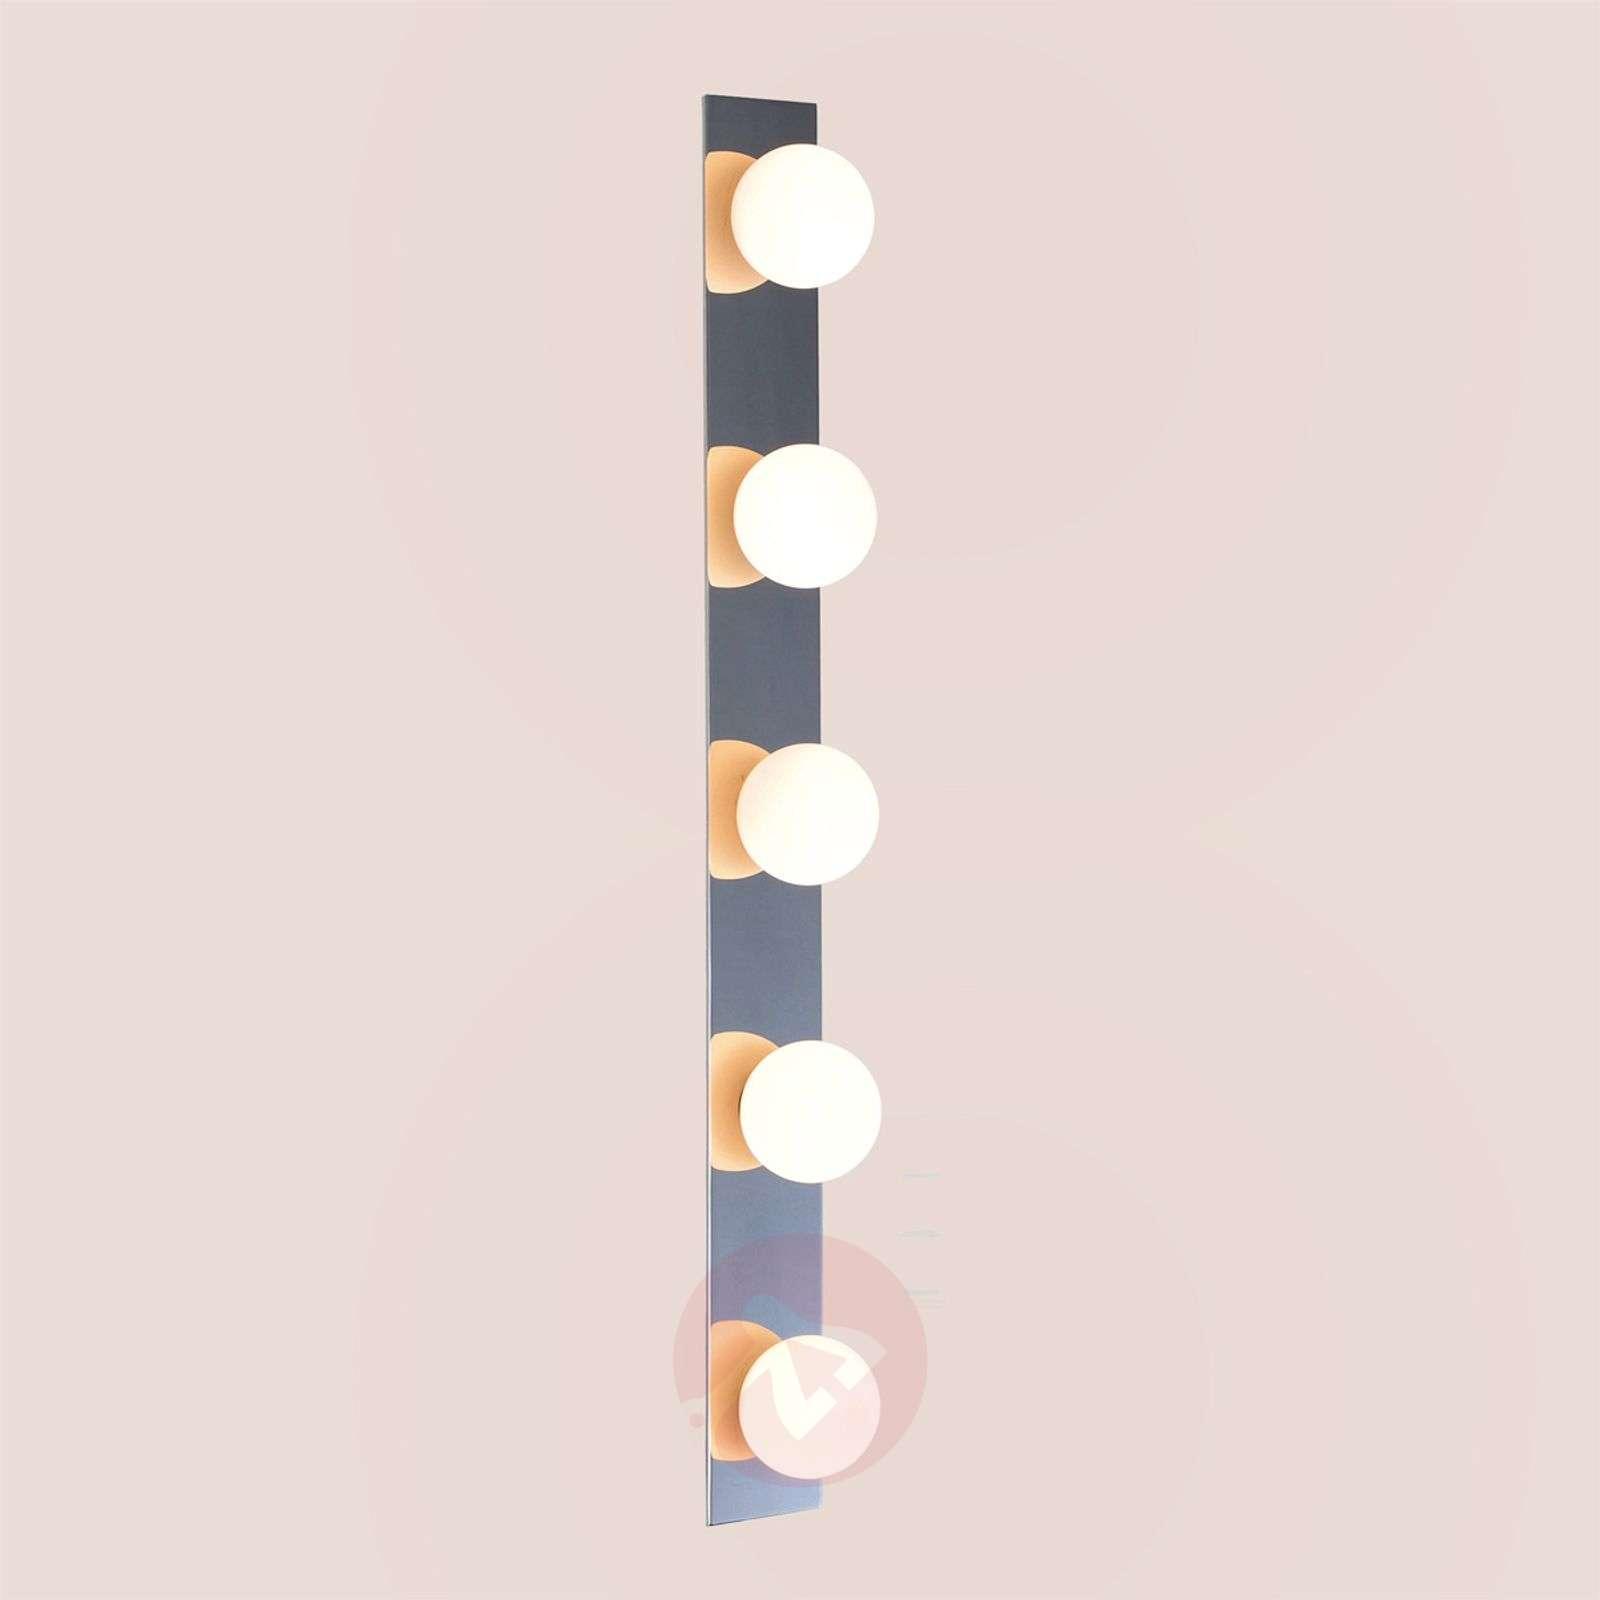 Ball light wall light BULBSTRIP, five-bulb-9020004-01